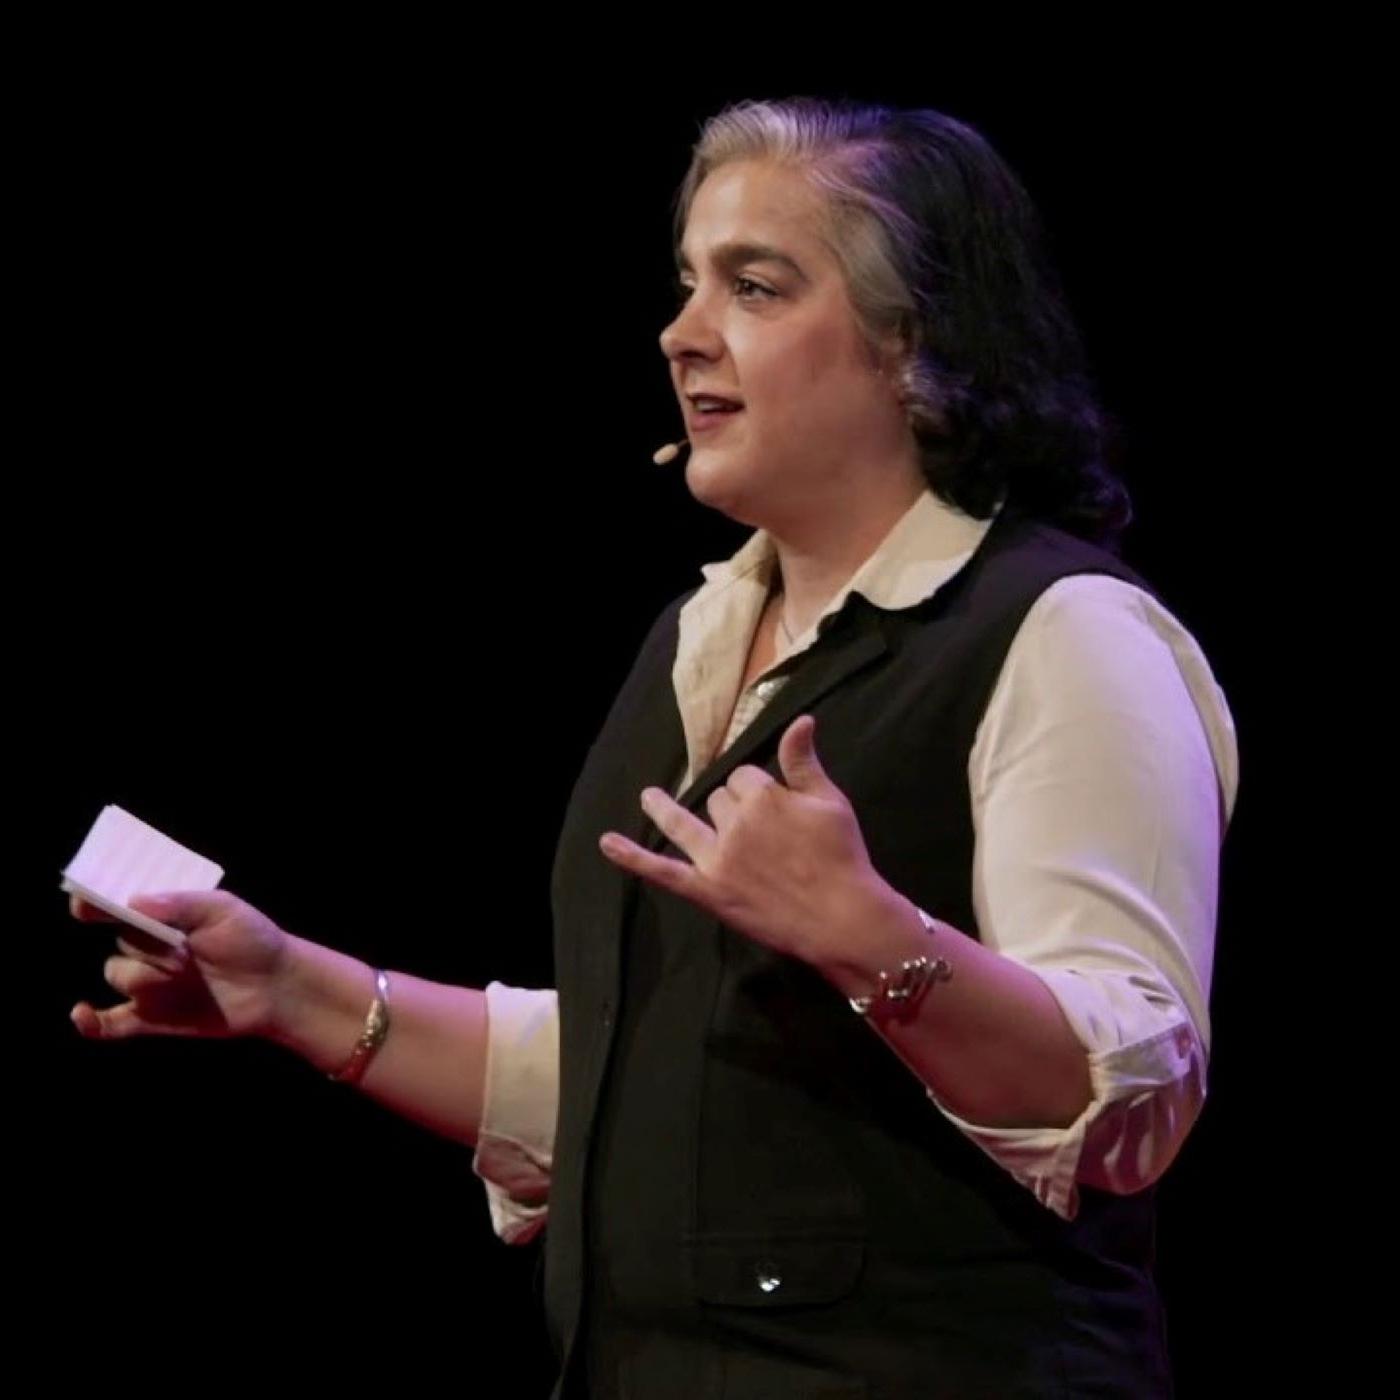 Коронавирус – это наше будущее (Аланна Шейх)